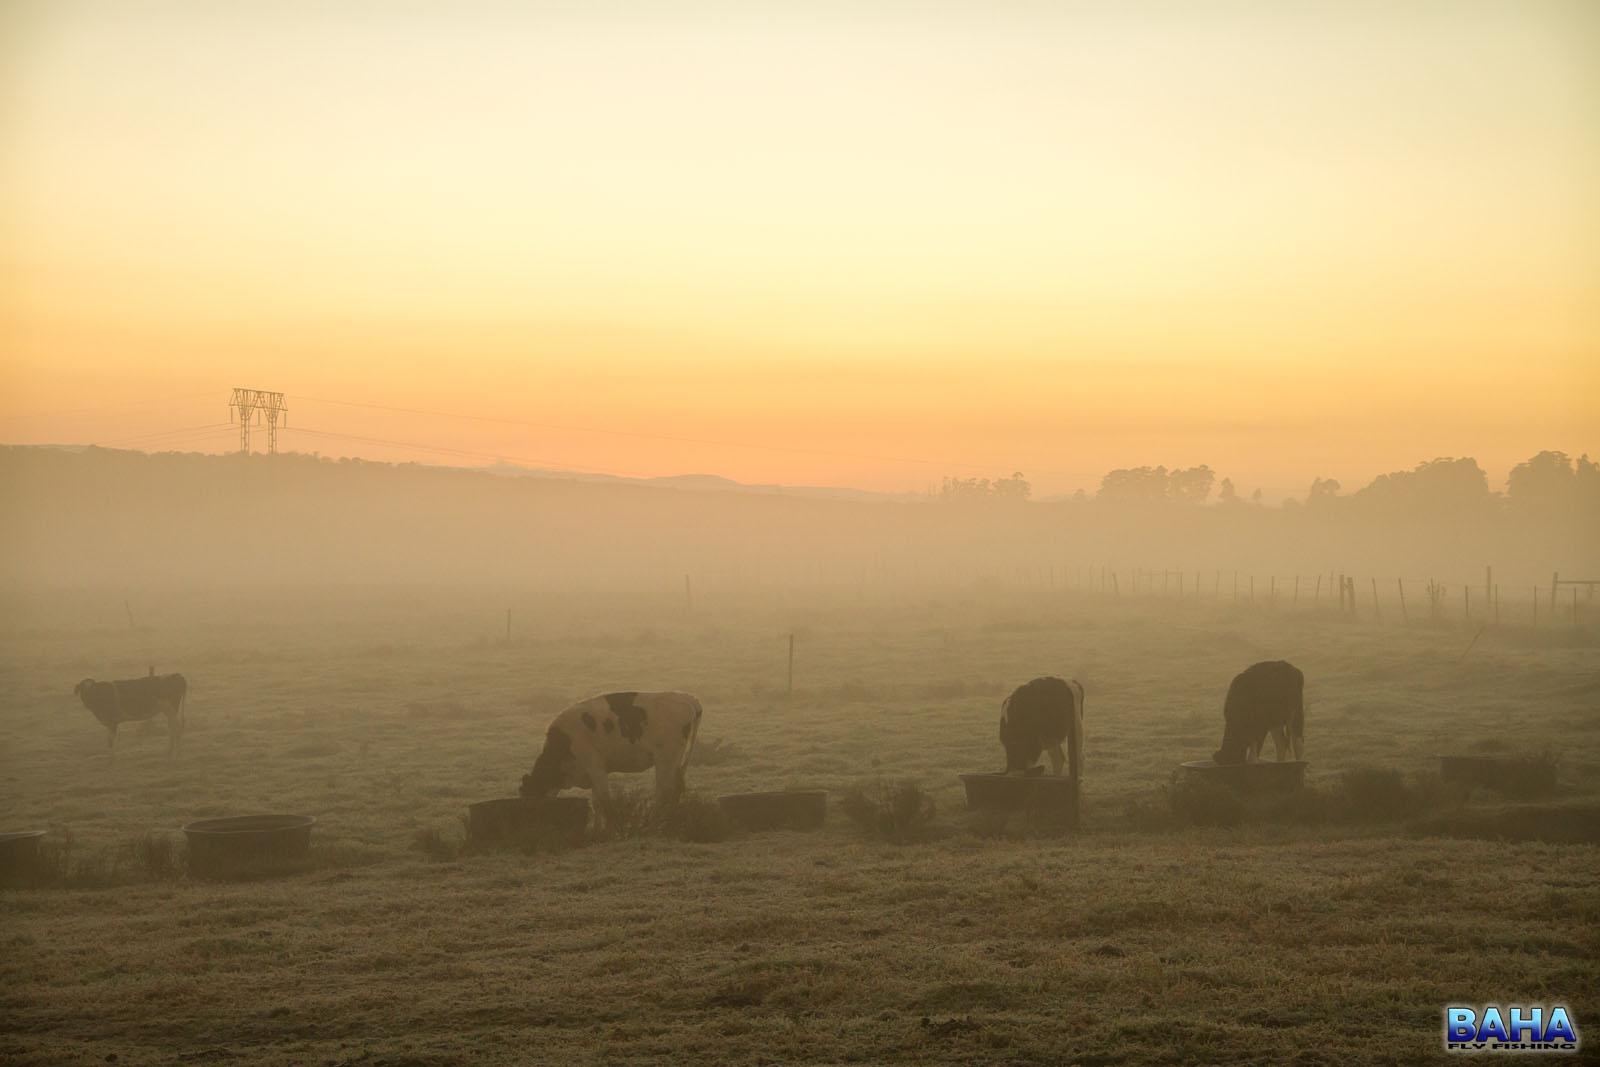 Sunrise on Virginia Farm